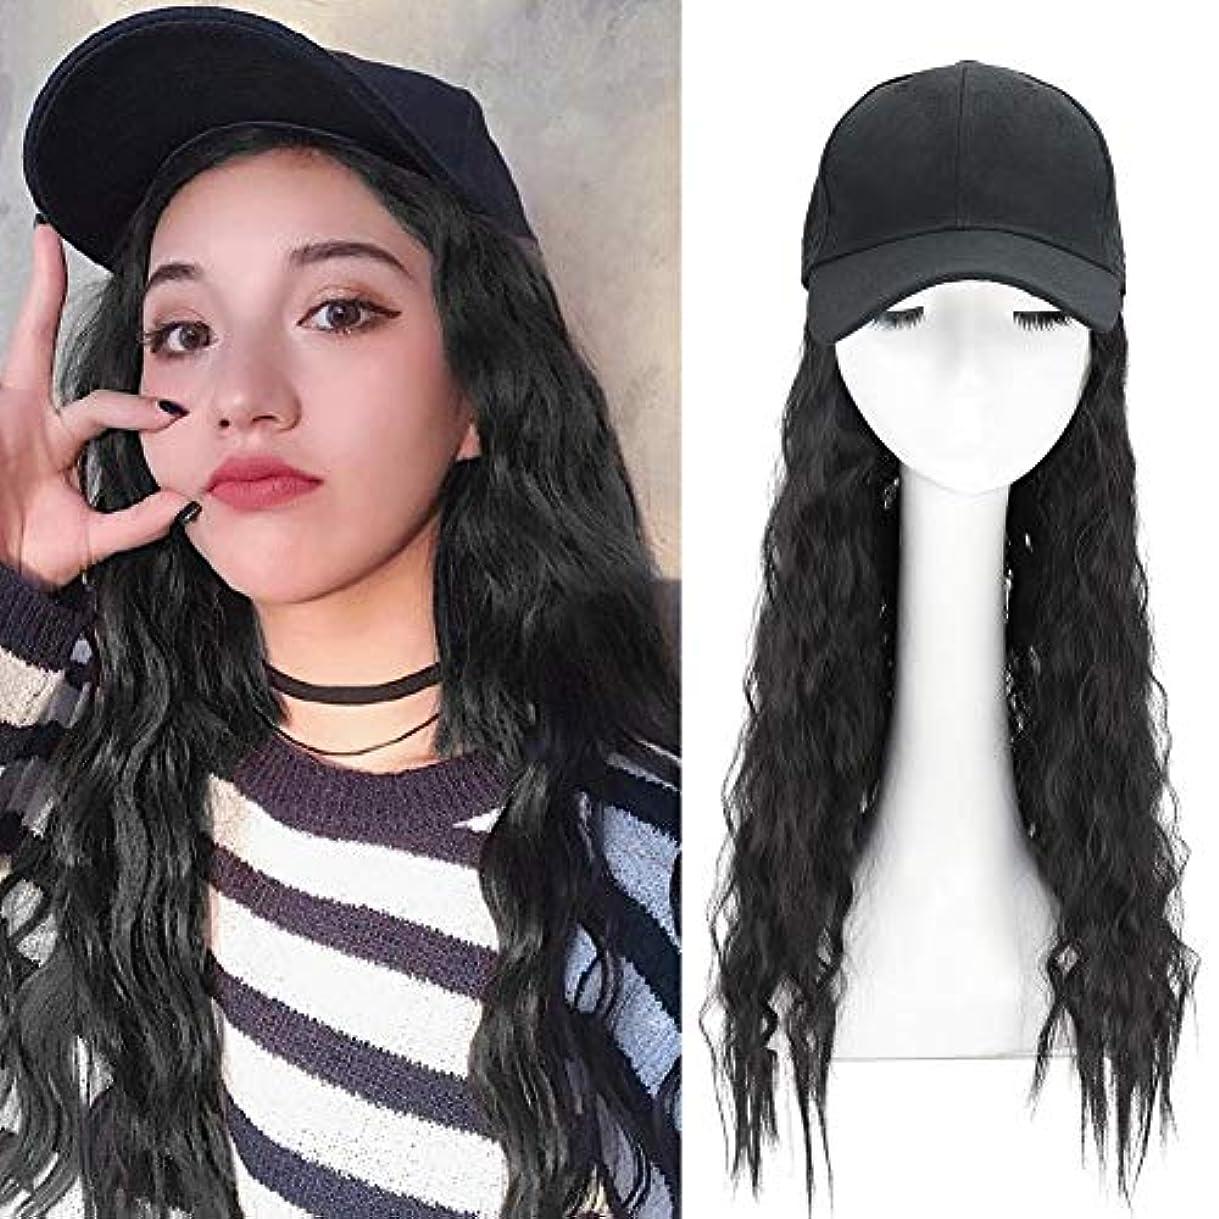 銀ウナギレルム長い巻き毛を持つ合成長波野球帽合成毛を持つ波状かつらキャップ女の子のための髪を持つ調整可能な野球帽帽子